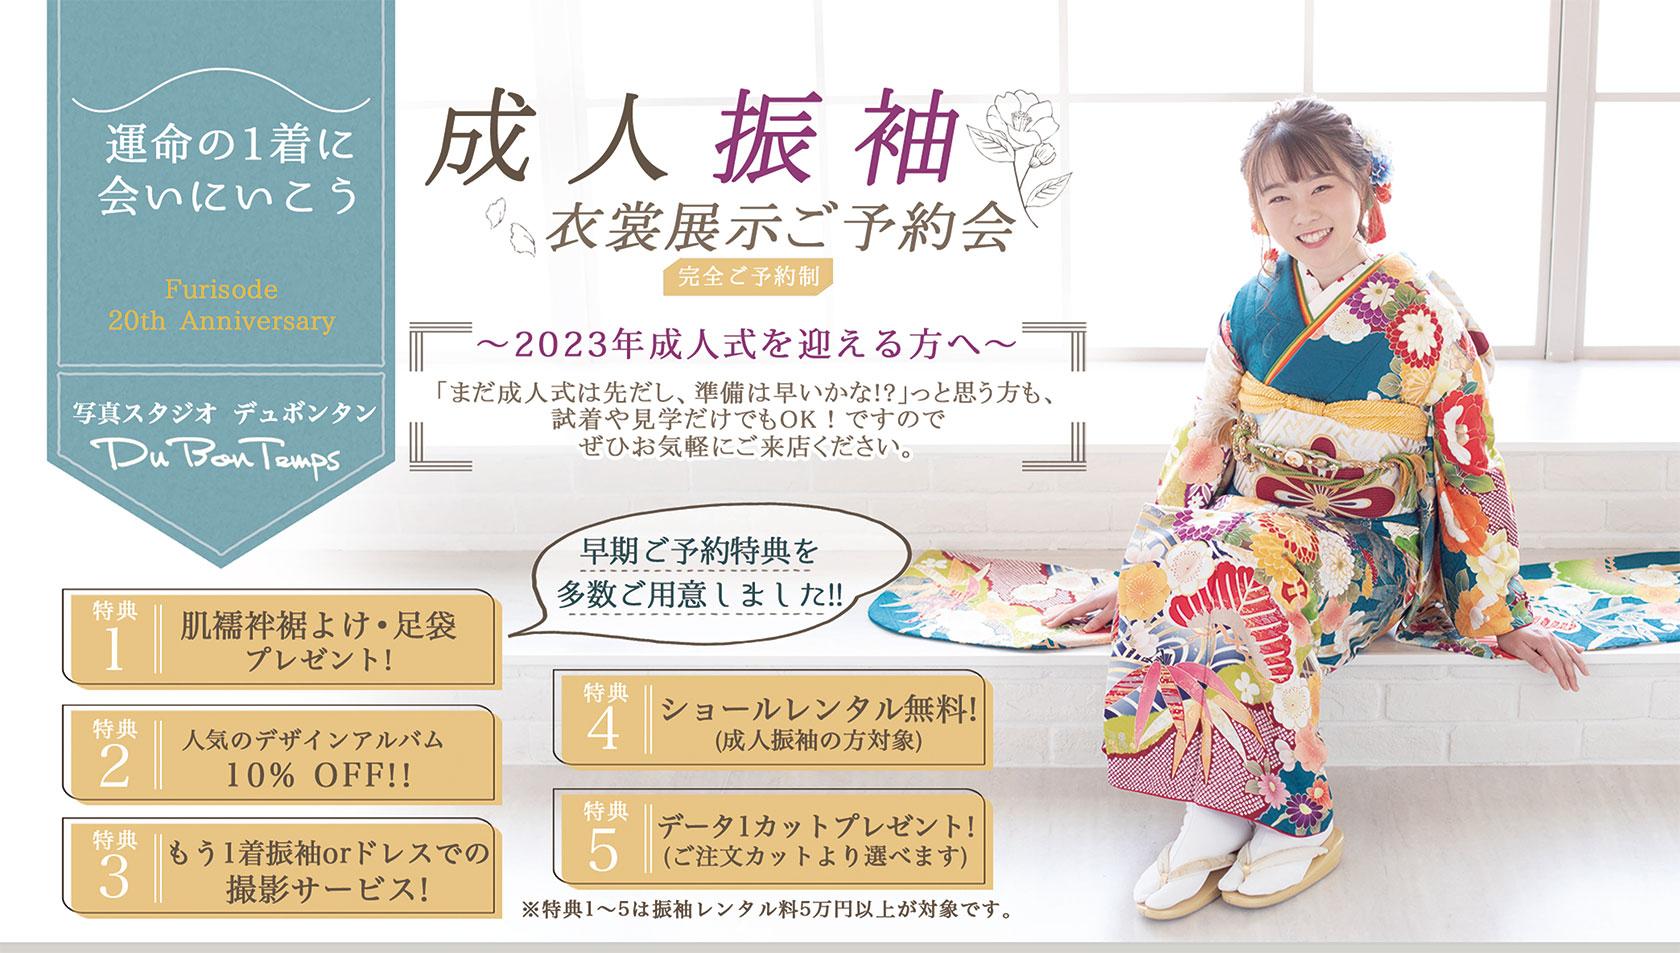 デュボンタン 成人振袖×卒業袴 衣裳展示&ご予約会 8月開催!!~2023年に成人式を迎える方へ~